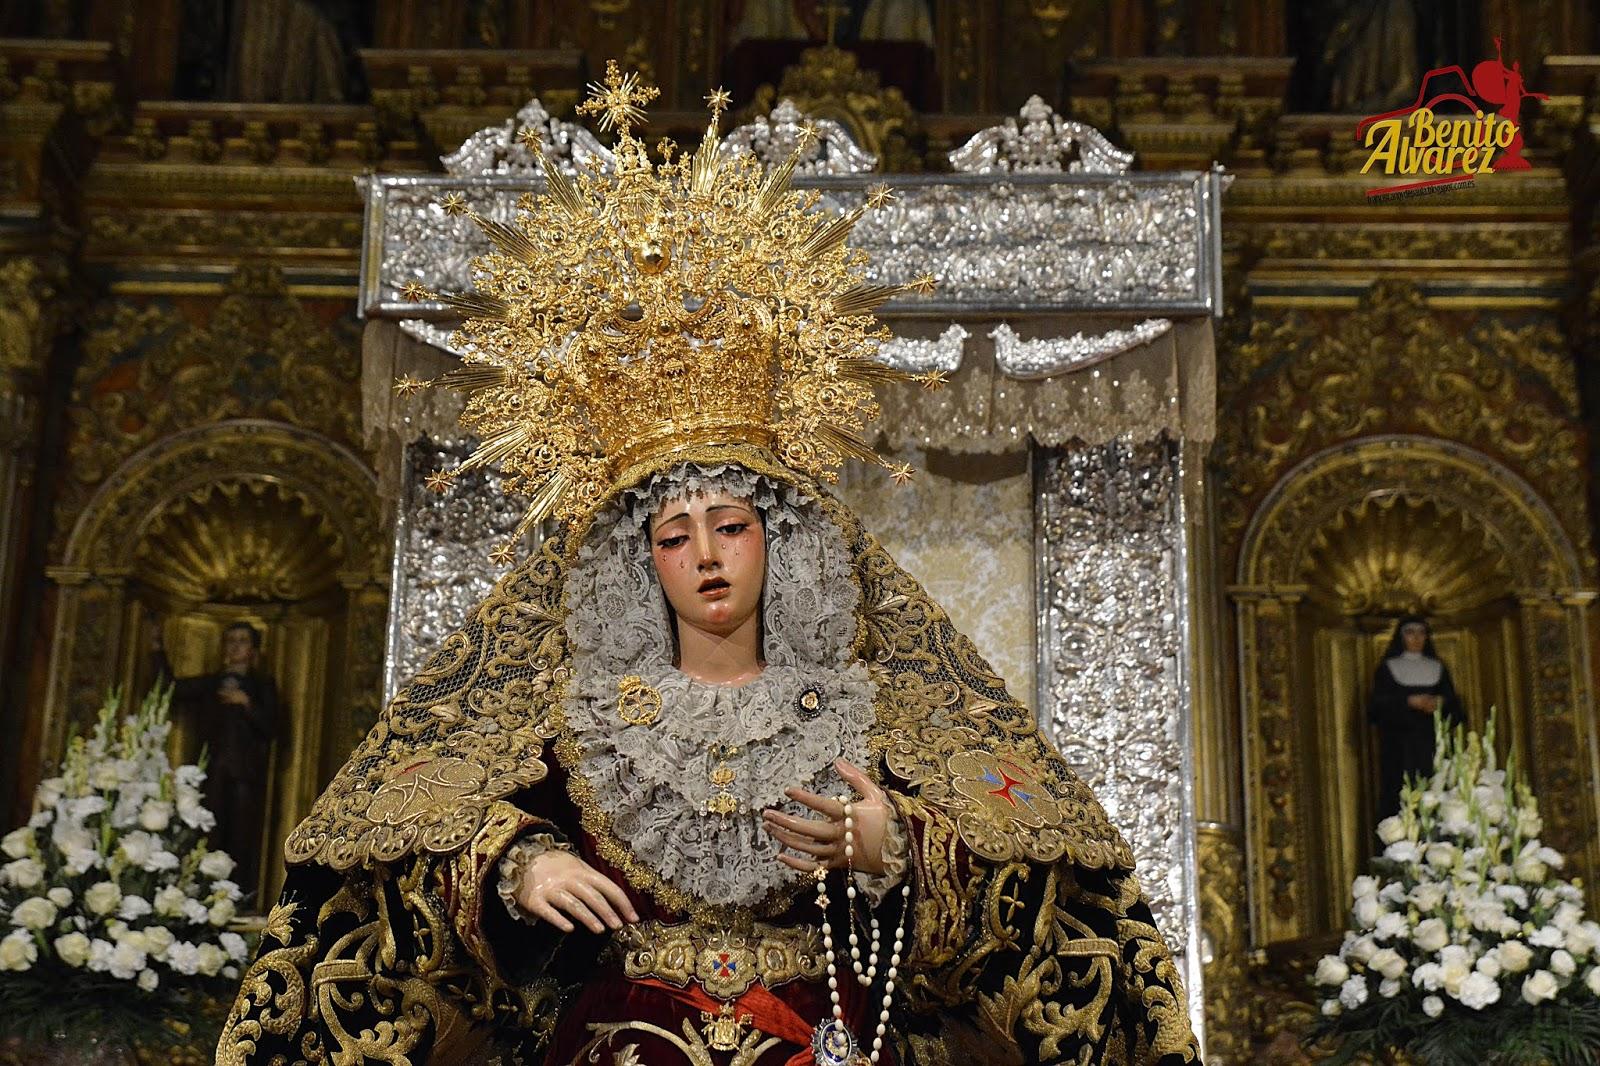 Los besamanos con motivo de la festividad de la Expectación en Sevilla de la mano de Benito Álvarez